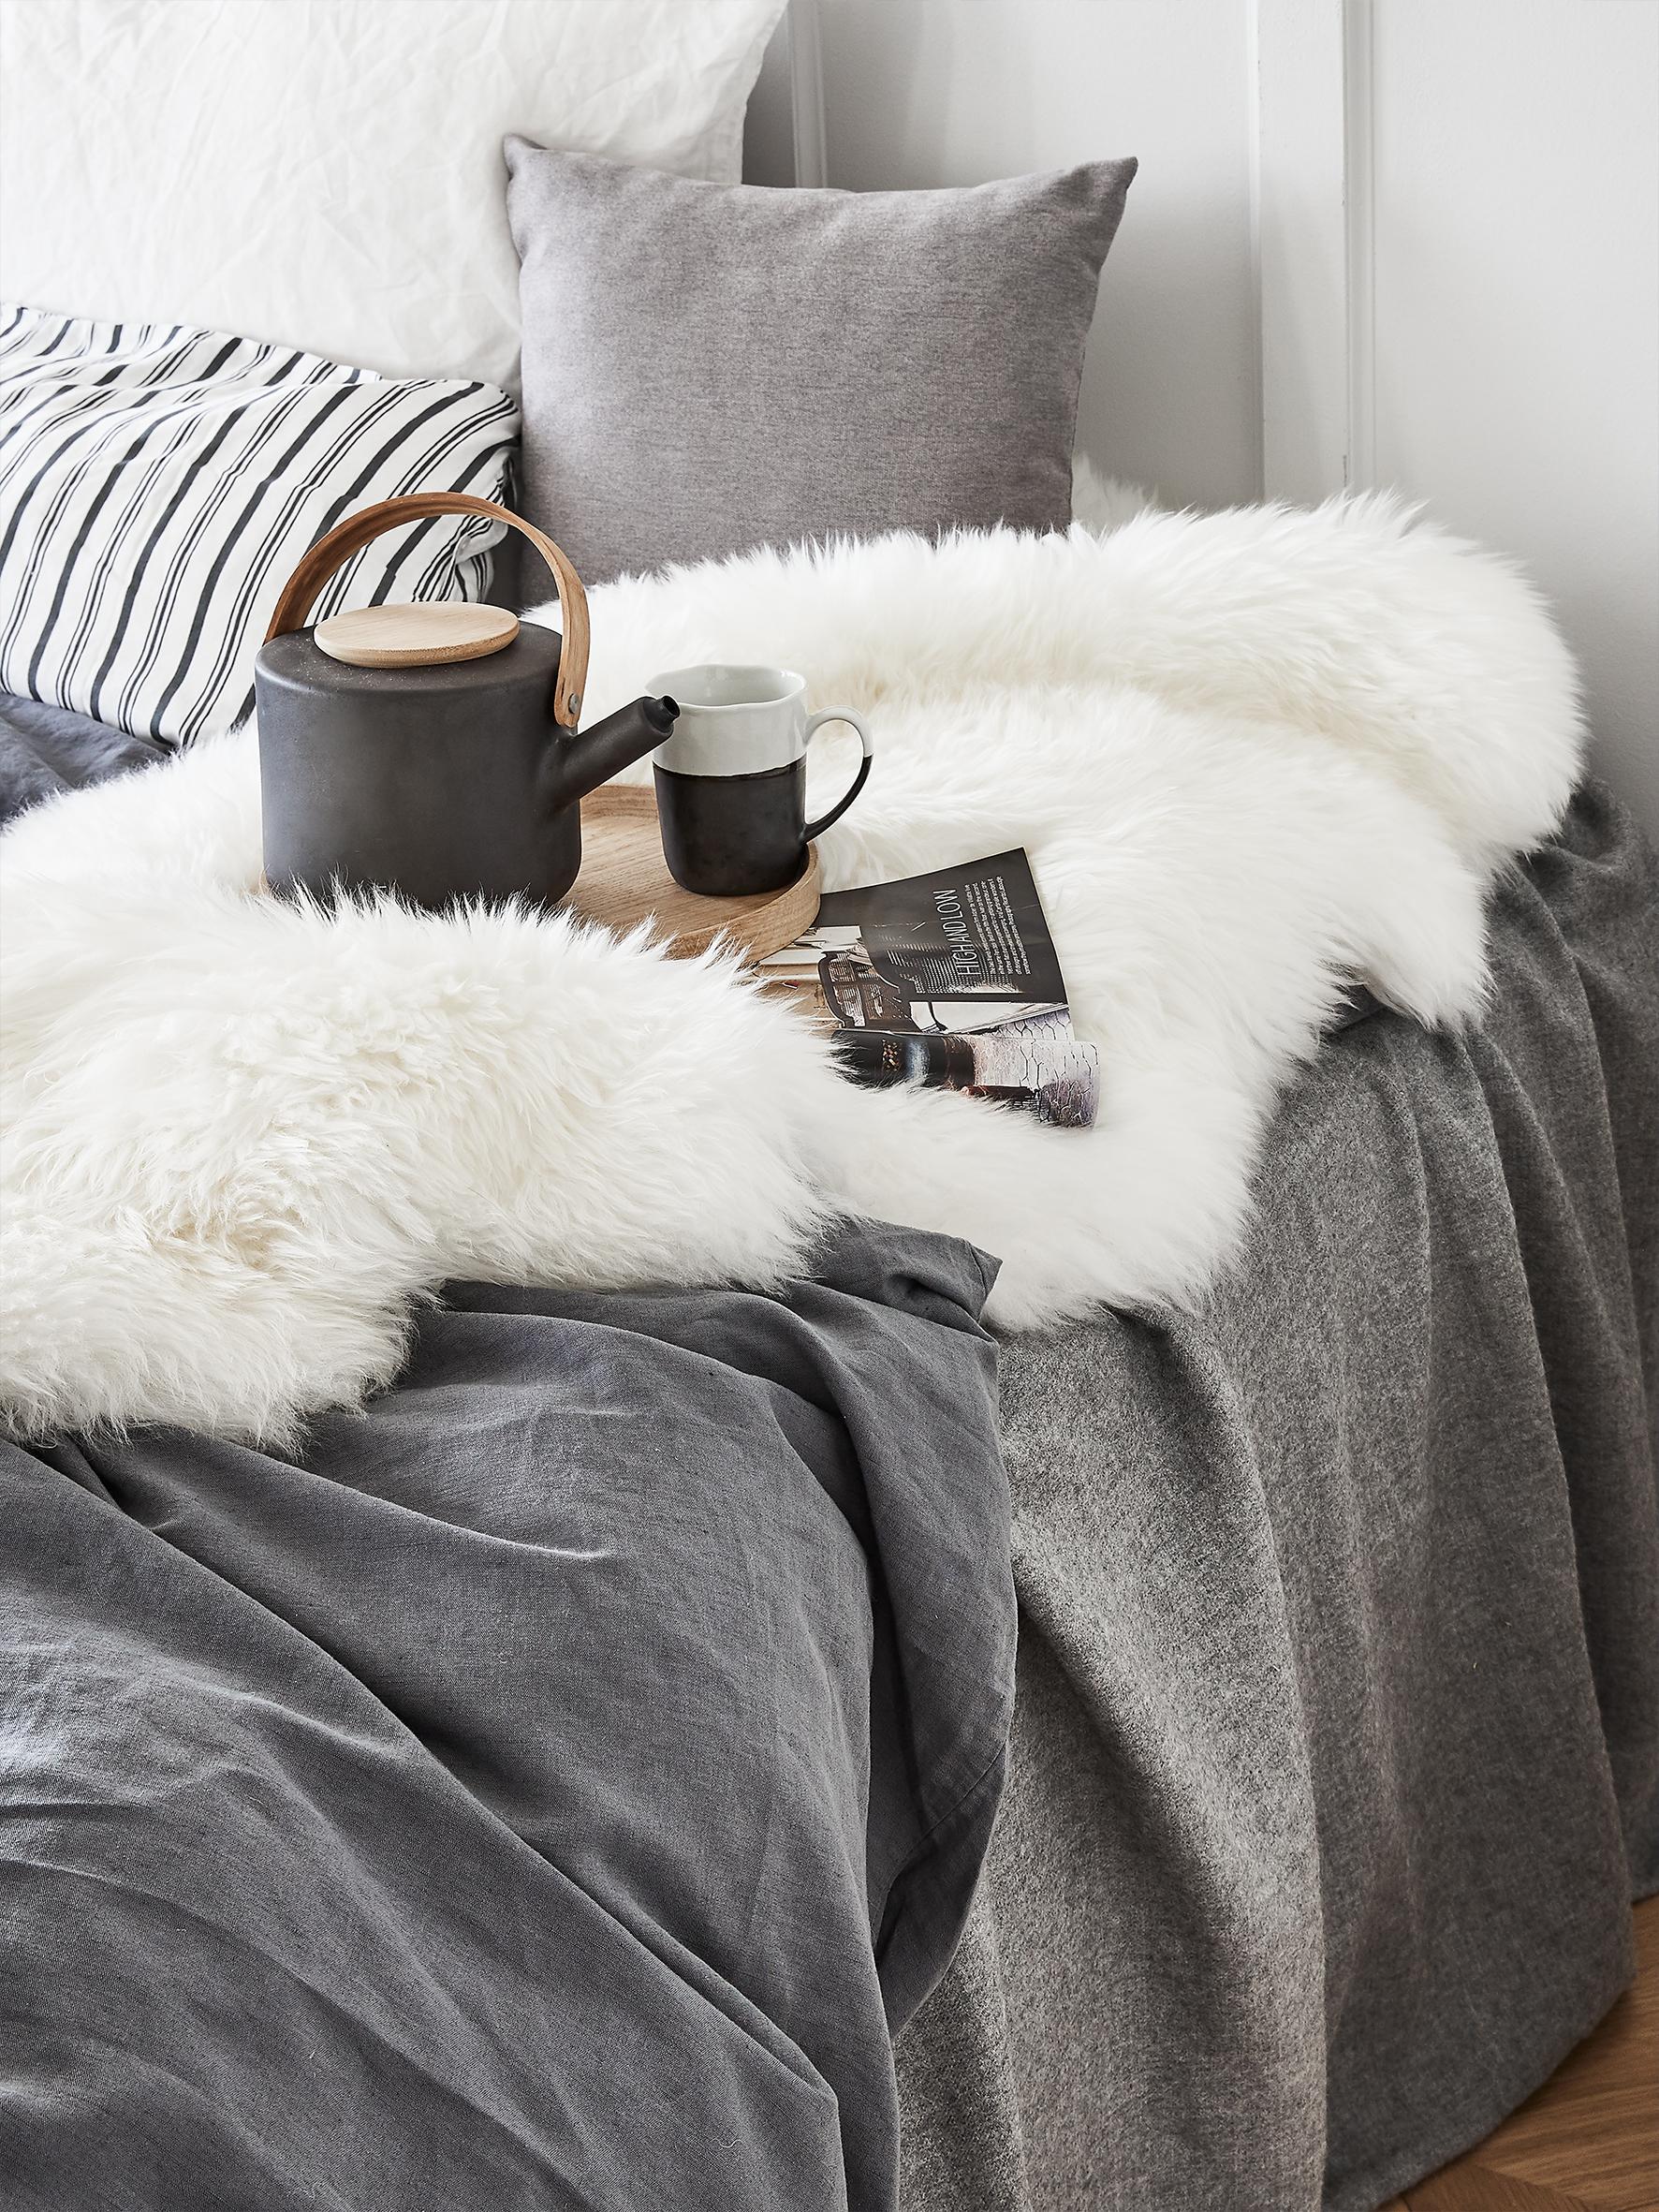 Fellteppiche in weiß auf dem Bett